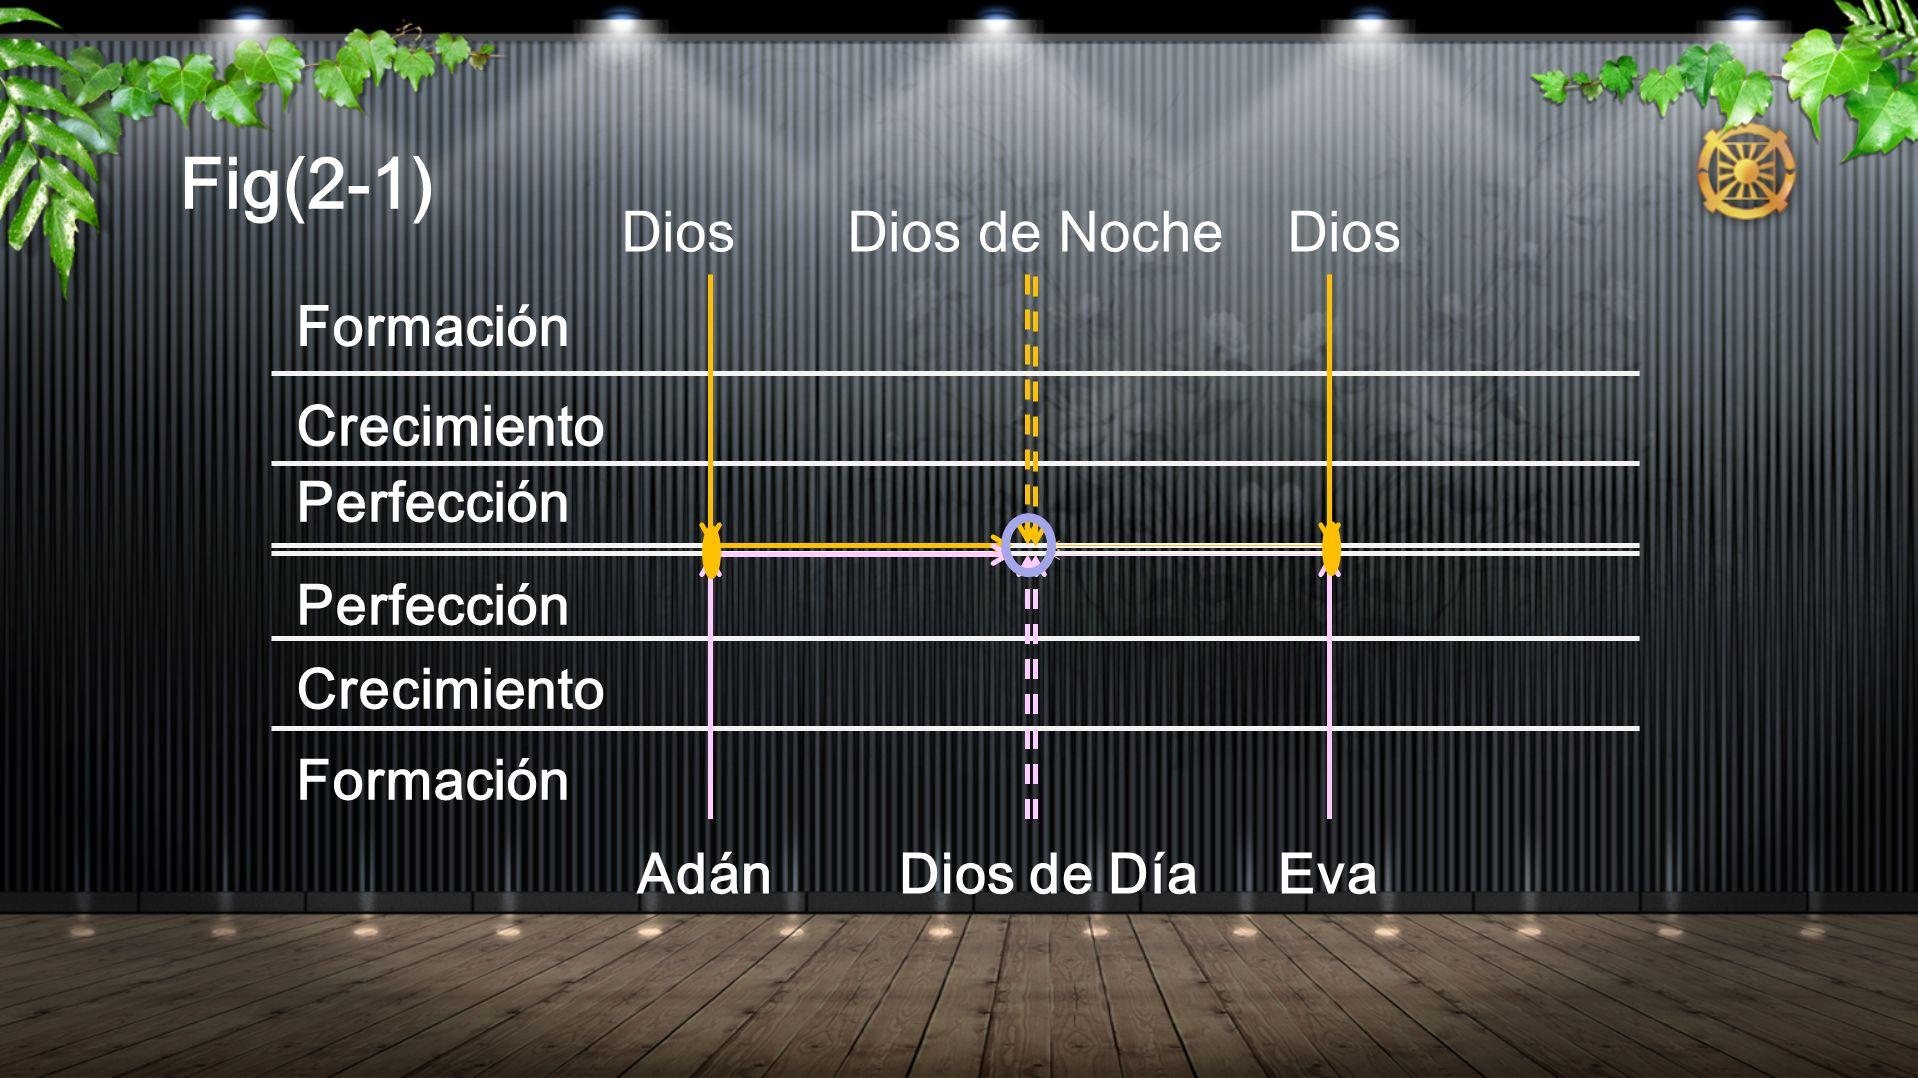 Fig(2-1) Formación Crecimiento Perfección Crecimiento Formación Adán Dios de Día Eva Dios Dios de Noche Dios